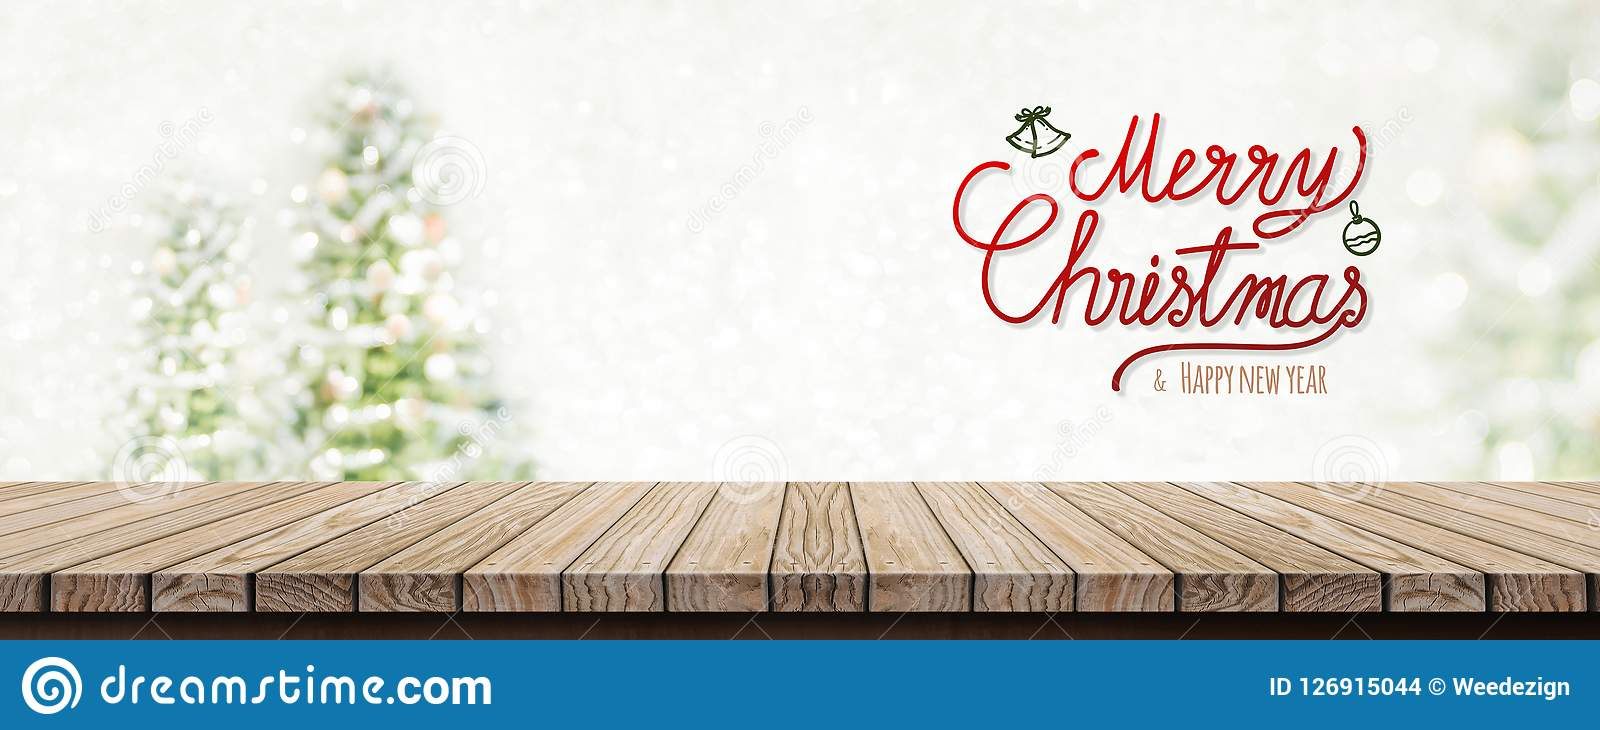 Glad jul för röd handskrift och lyckligt nytt år över den wood fliken